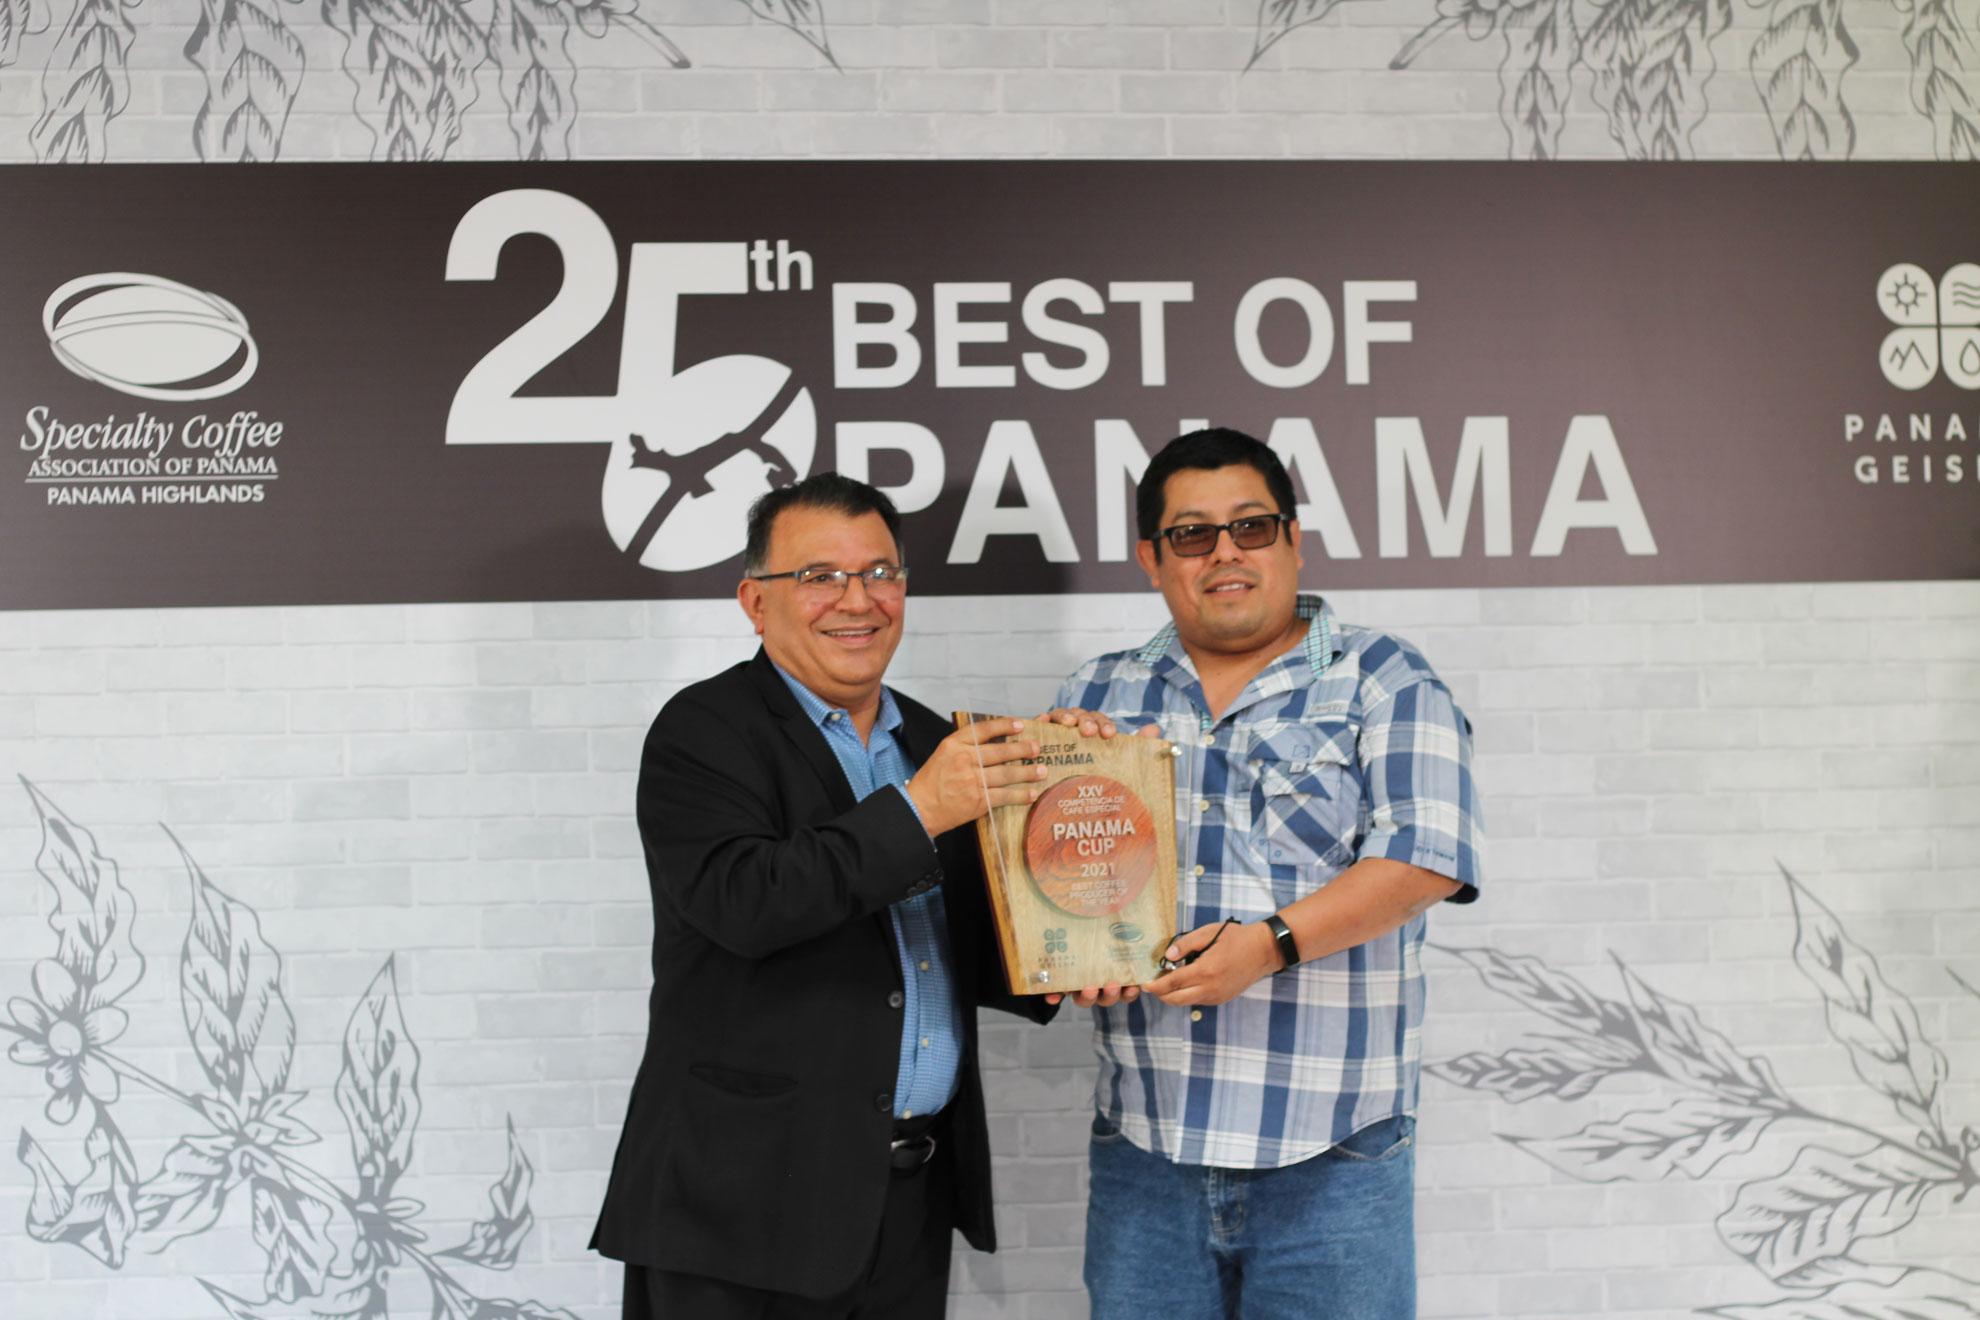 Café especial de Panamá volvió a demostrar su casta